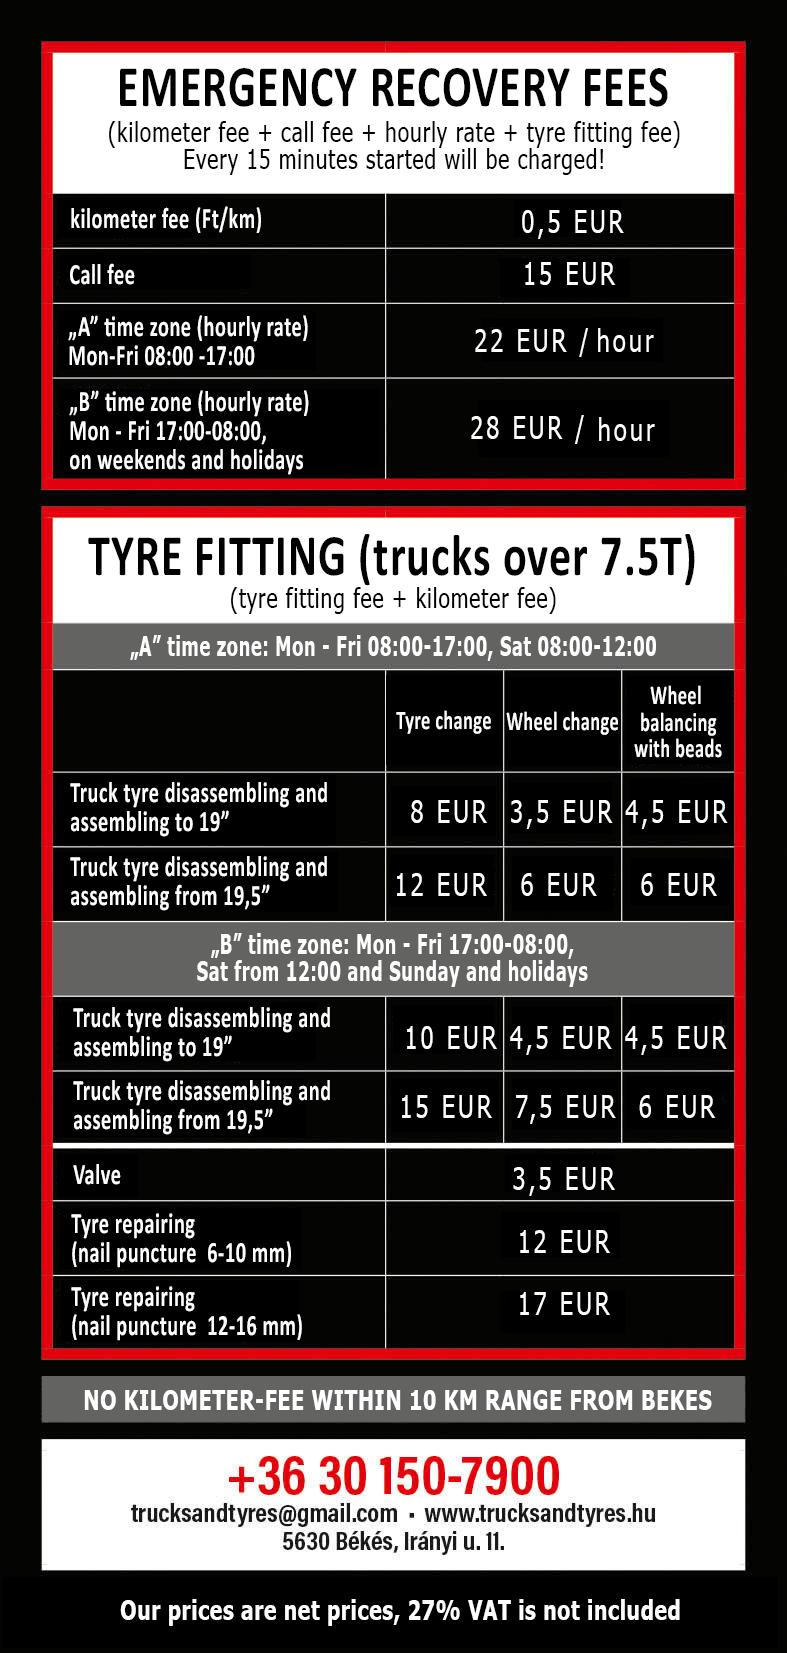 mobile tyre repair price